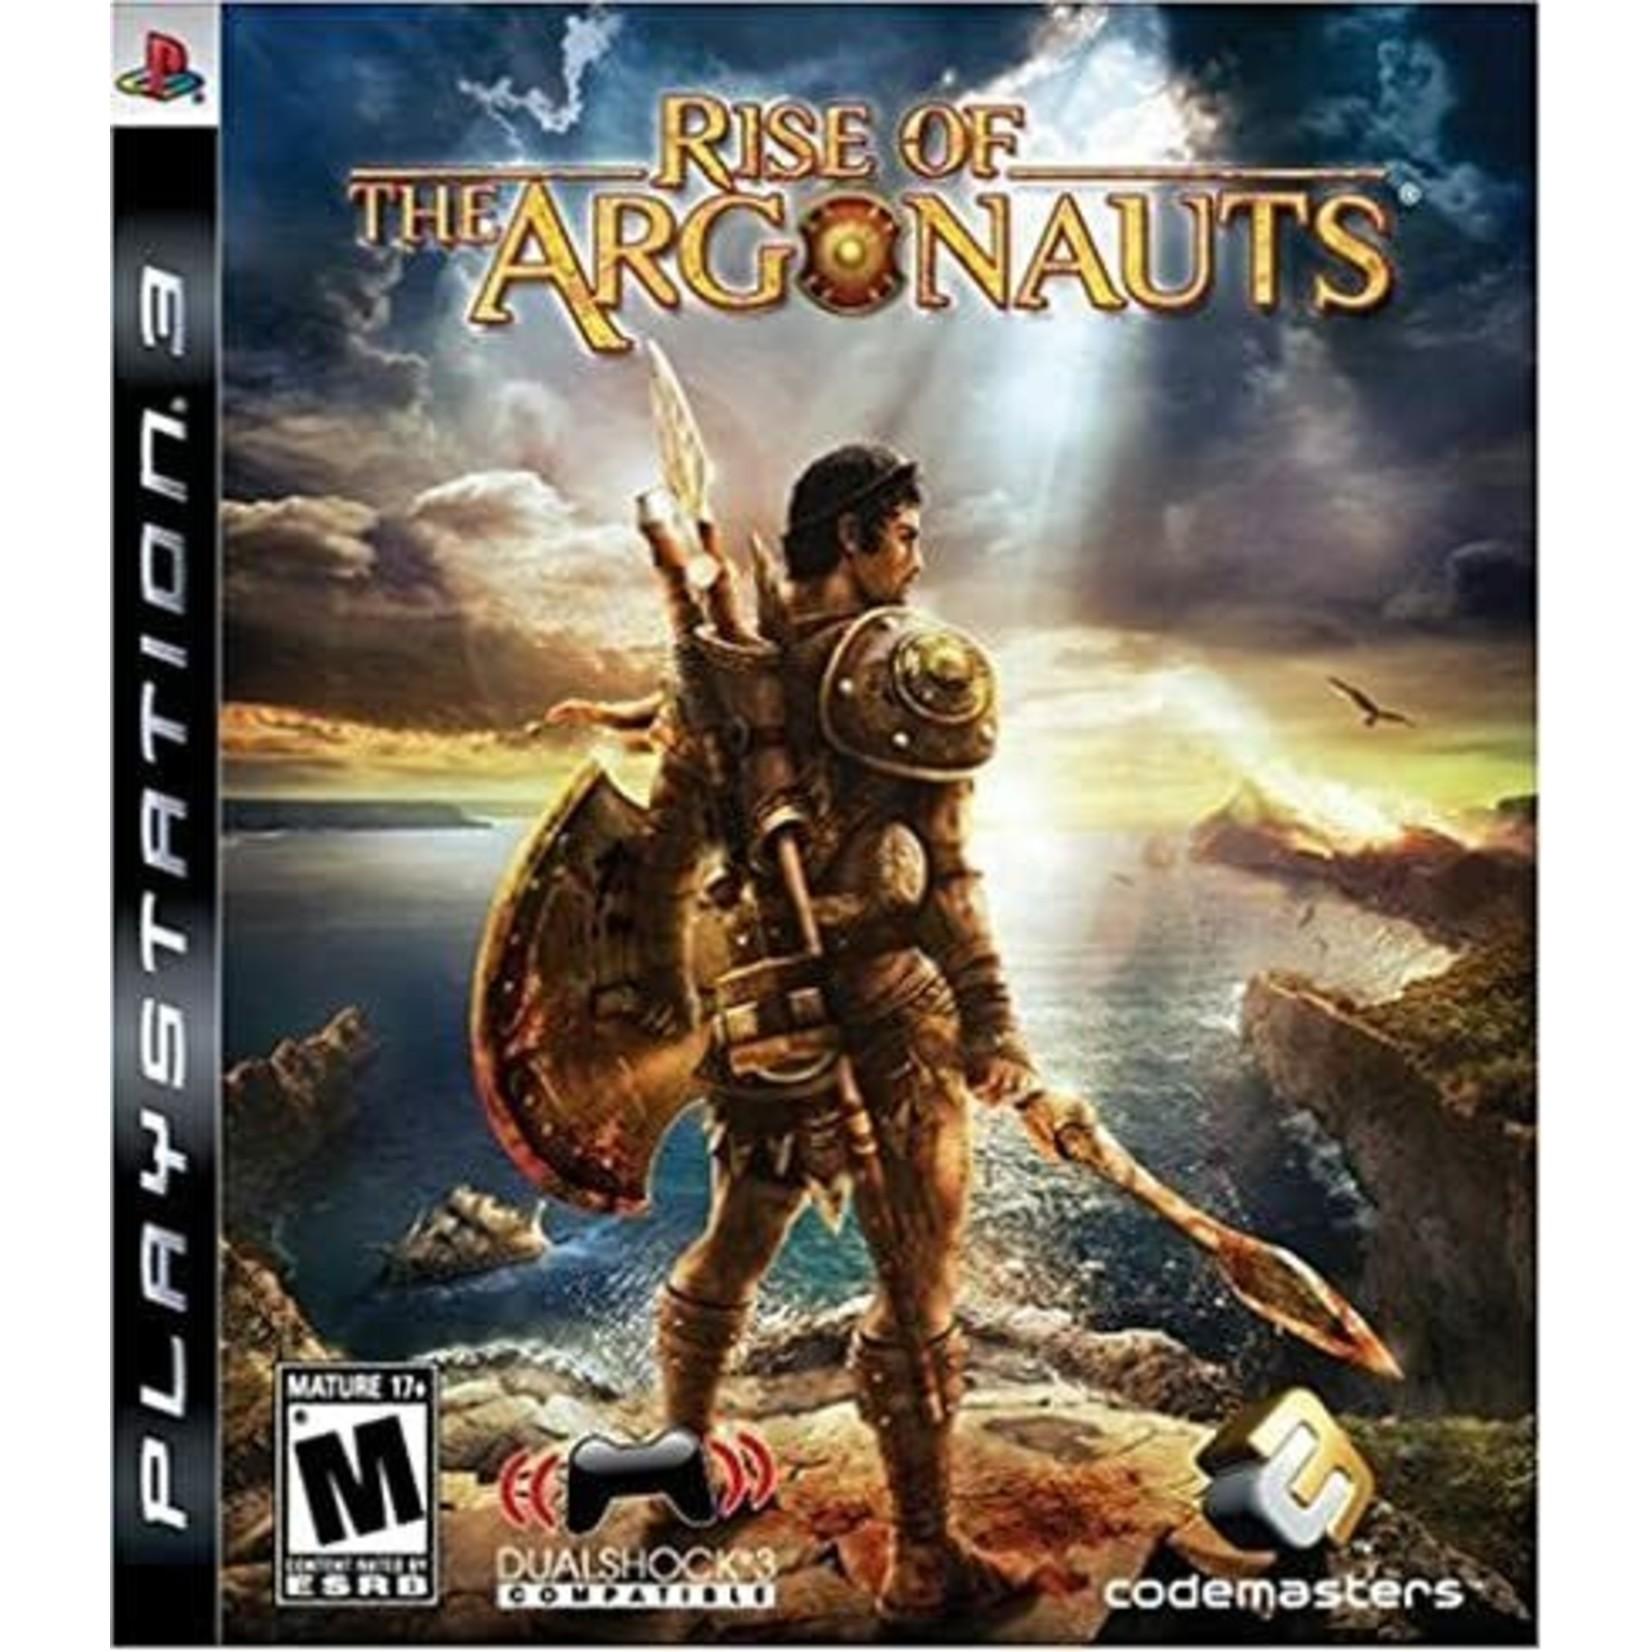 PS3U-RISE OF THE ARGONAUTS